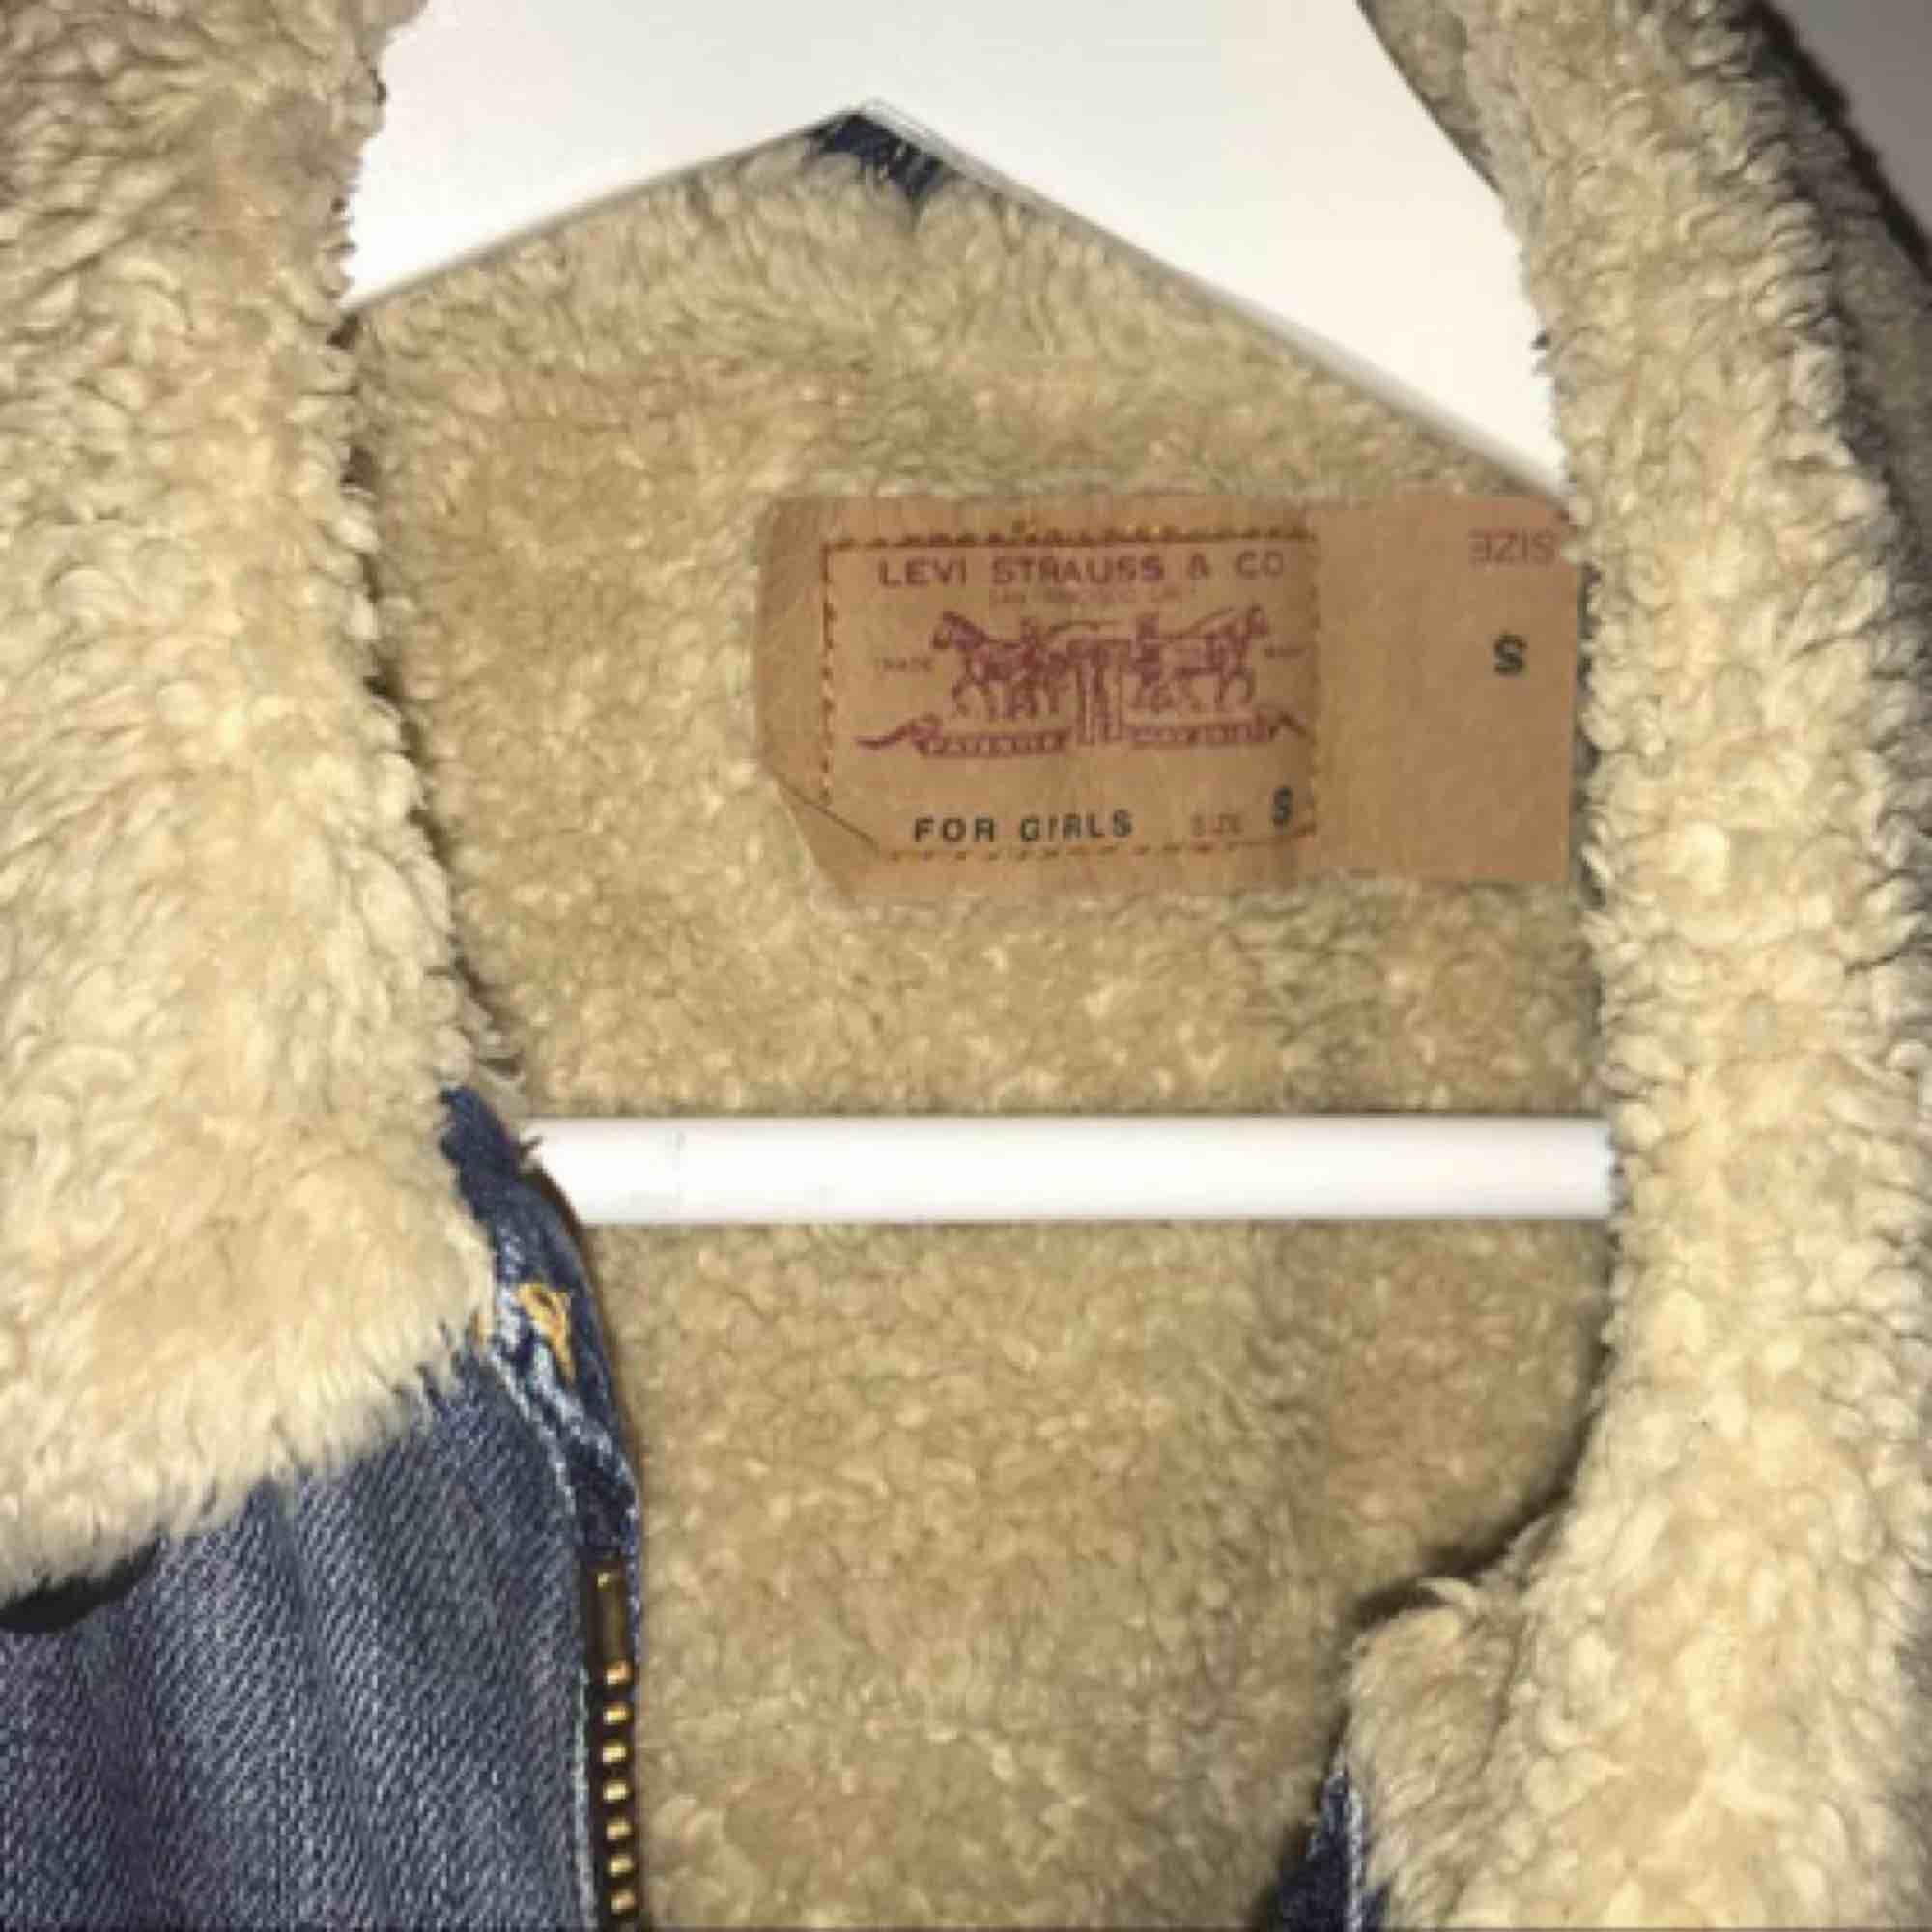 Levis fodrad jeansjacka VINTAGE. Kan inte hitta den här modellen på webben.  Jackan är välanvänd men fortfarande i stadigt skick. Inte minst bra kvalité. Helfodrad på insidan. Pris kan eventuellt diskuteras 😊 fraktar +50kr. Jackor.